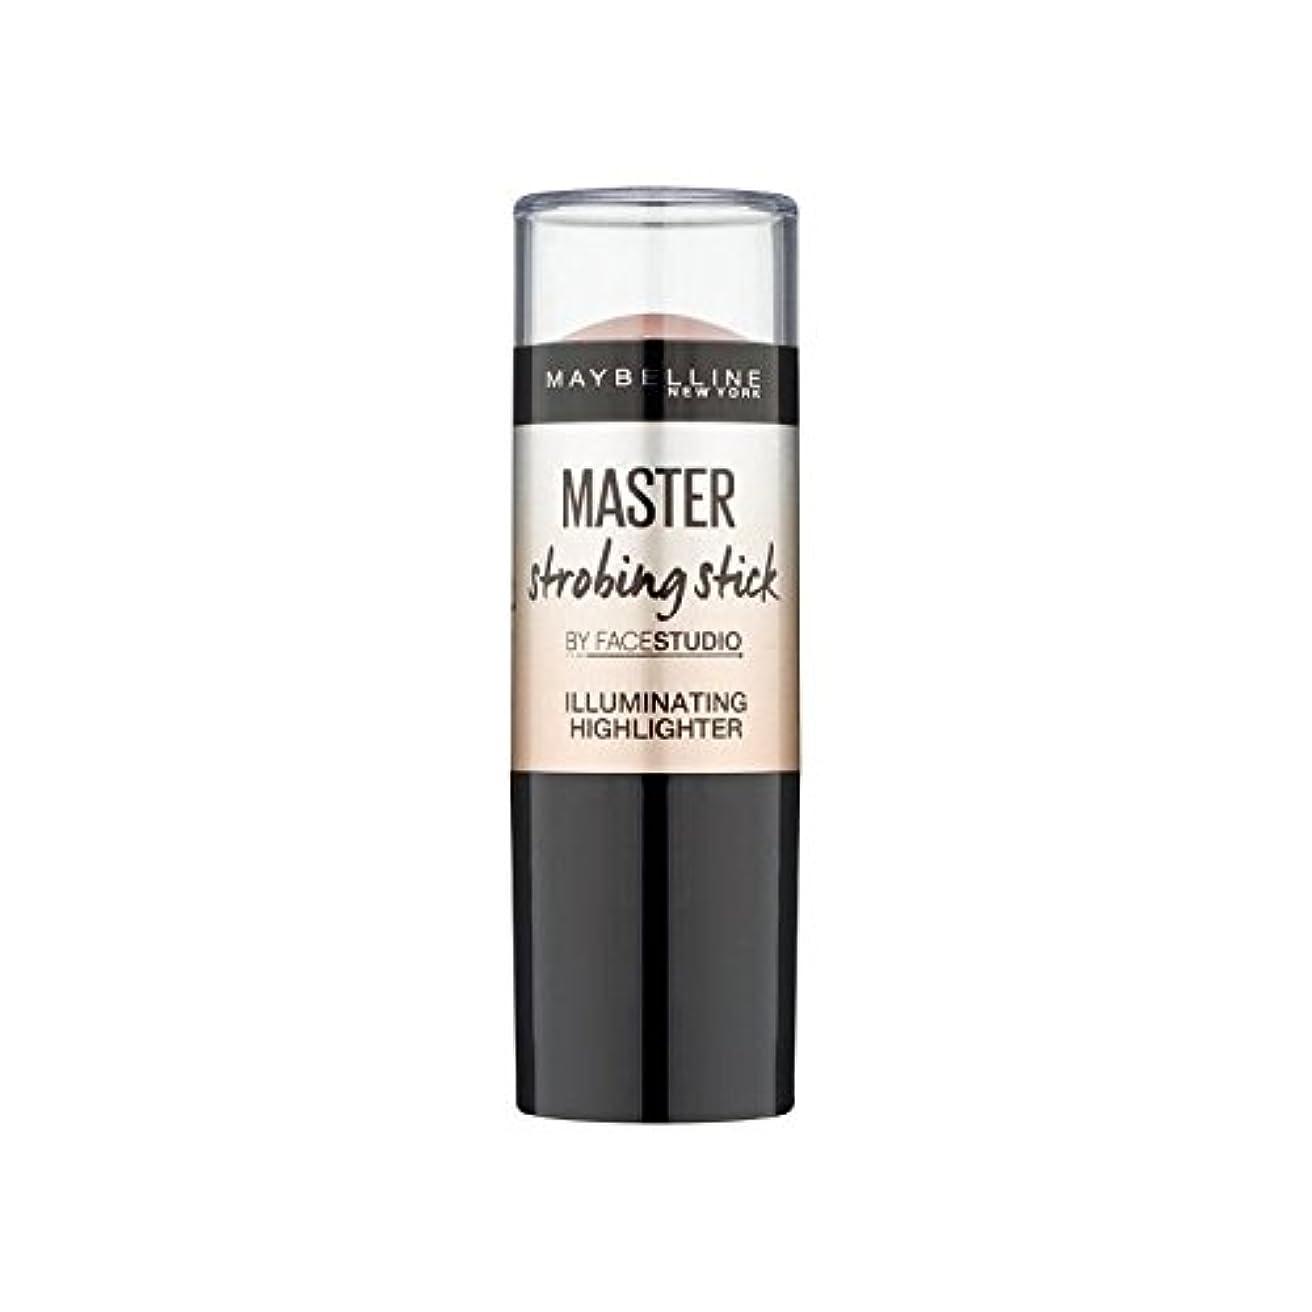 感情の密接に倍増メイベリンマスターストロボスティックライト x2 - Maybelline Master Strobing Stick Light (Pack of 2) [並行輸入品]